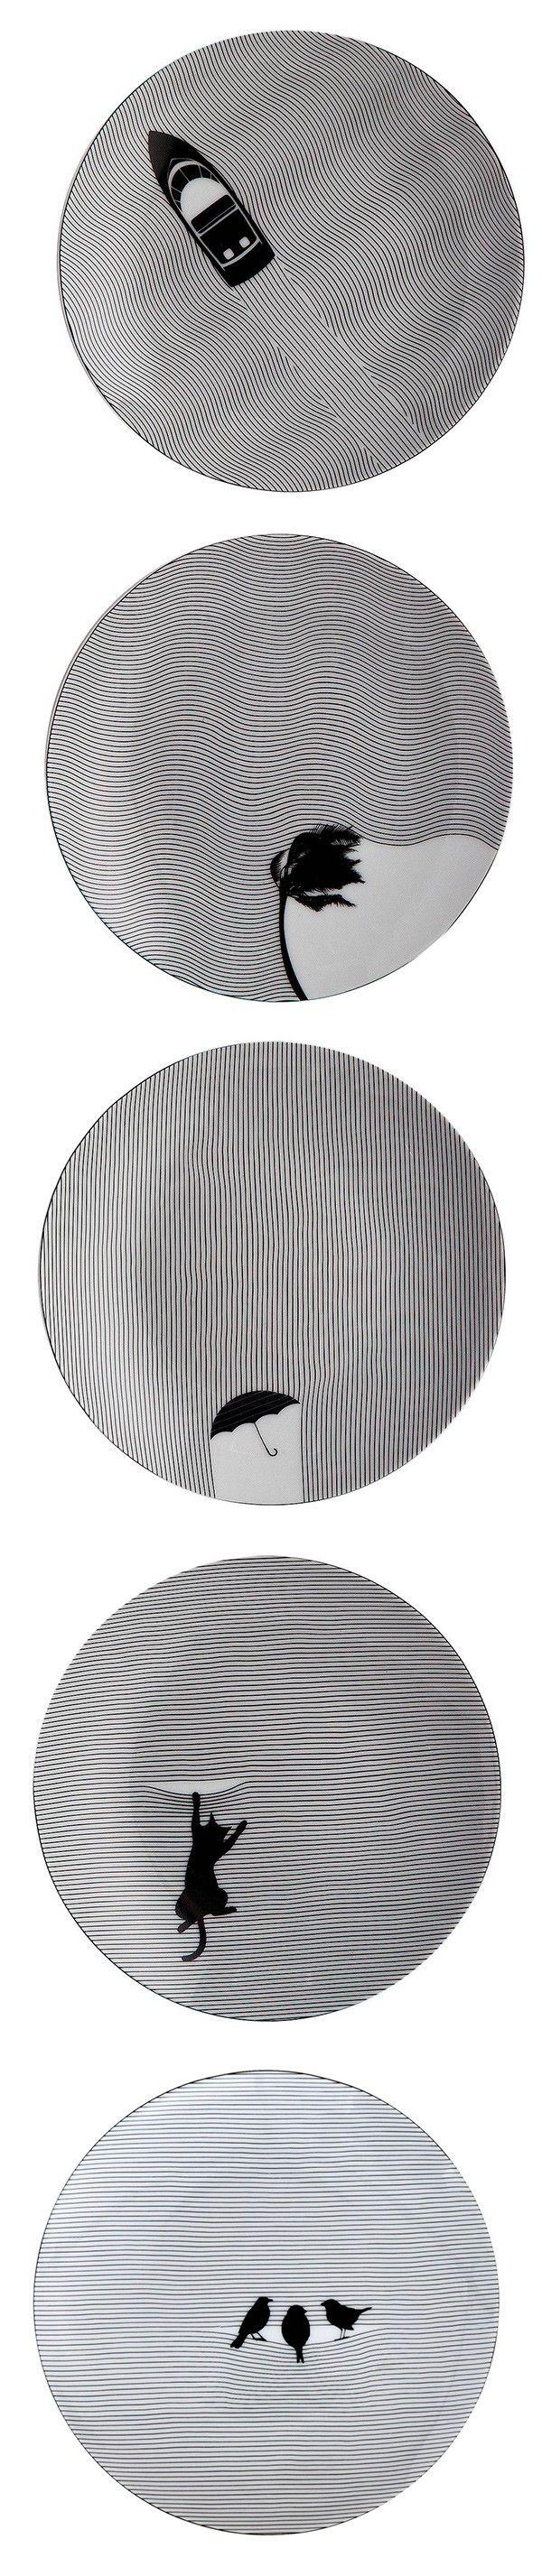 Fine Lines Porcelain Dinnerware Collection Par Cheeky Home Journal Du Design Vaisselle Dessin Graphisme